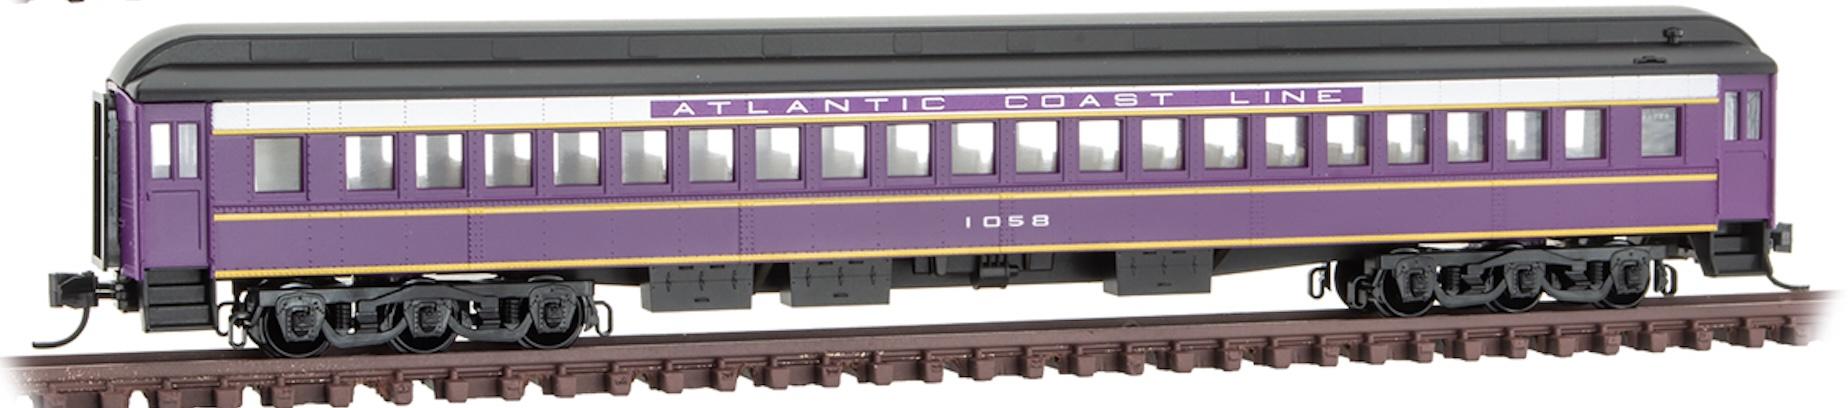 N Scale - Micro-Trains - 160 44 400 - Passenger Car, Heavyweight, Pullman, 78